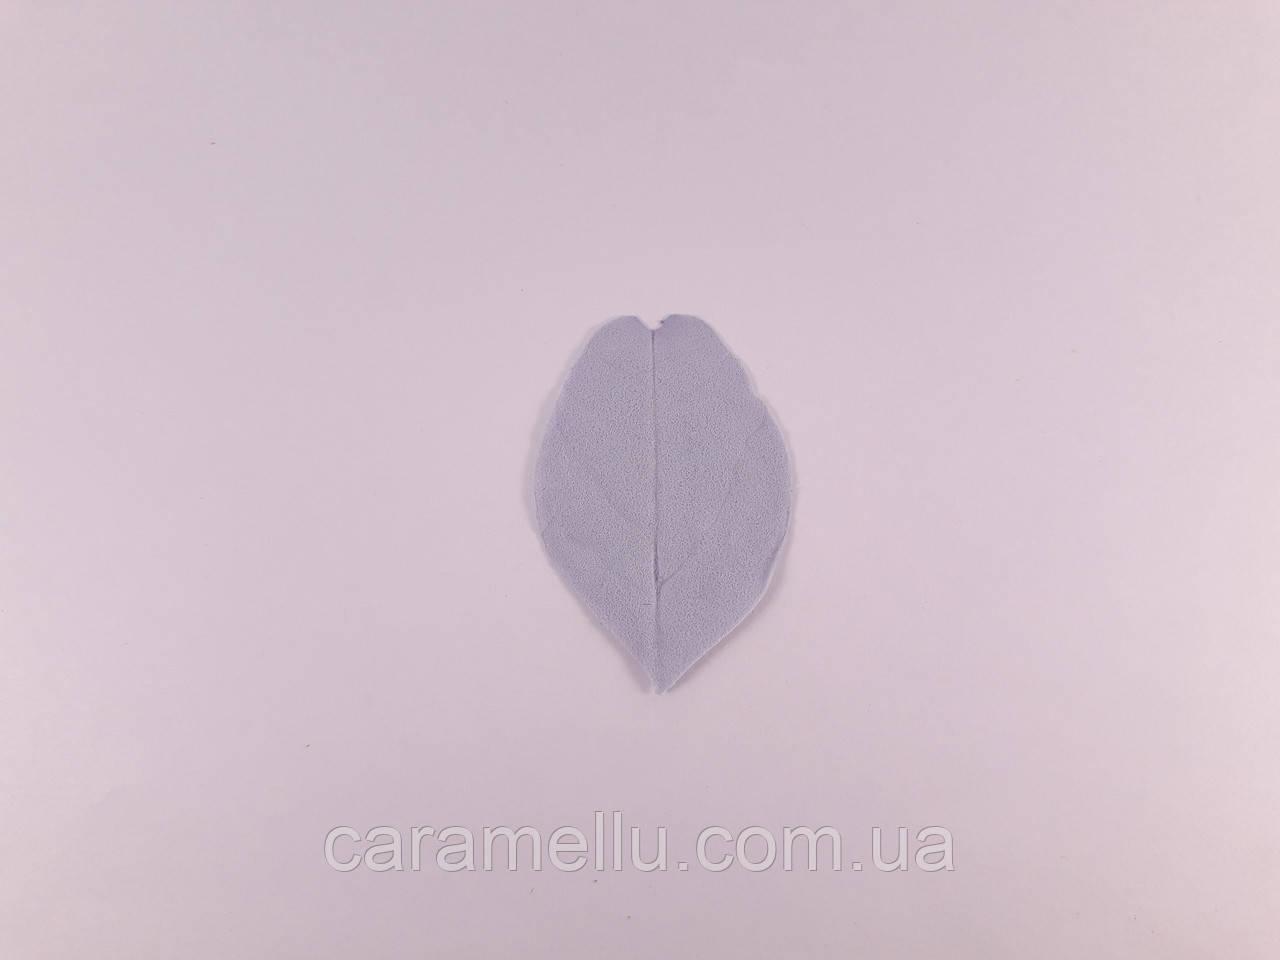 Лист эвкалипта. Цвет серый 1шт.  4см